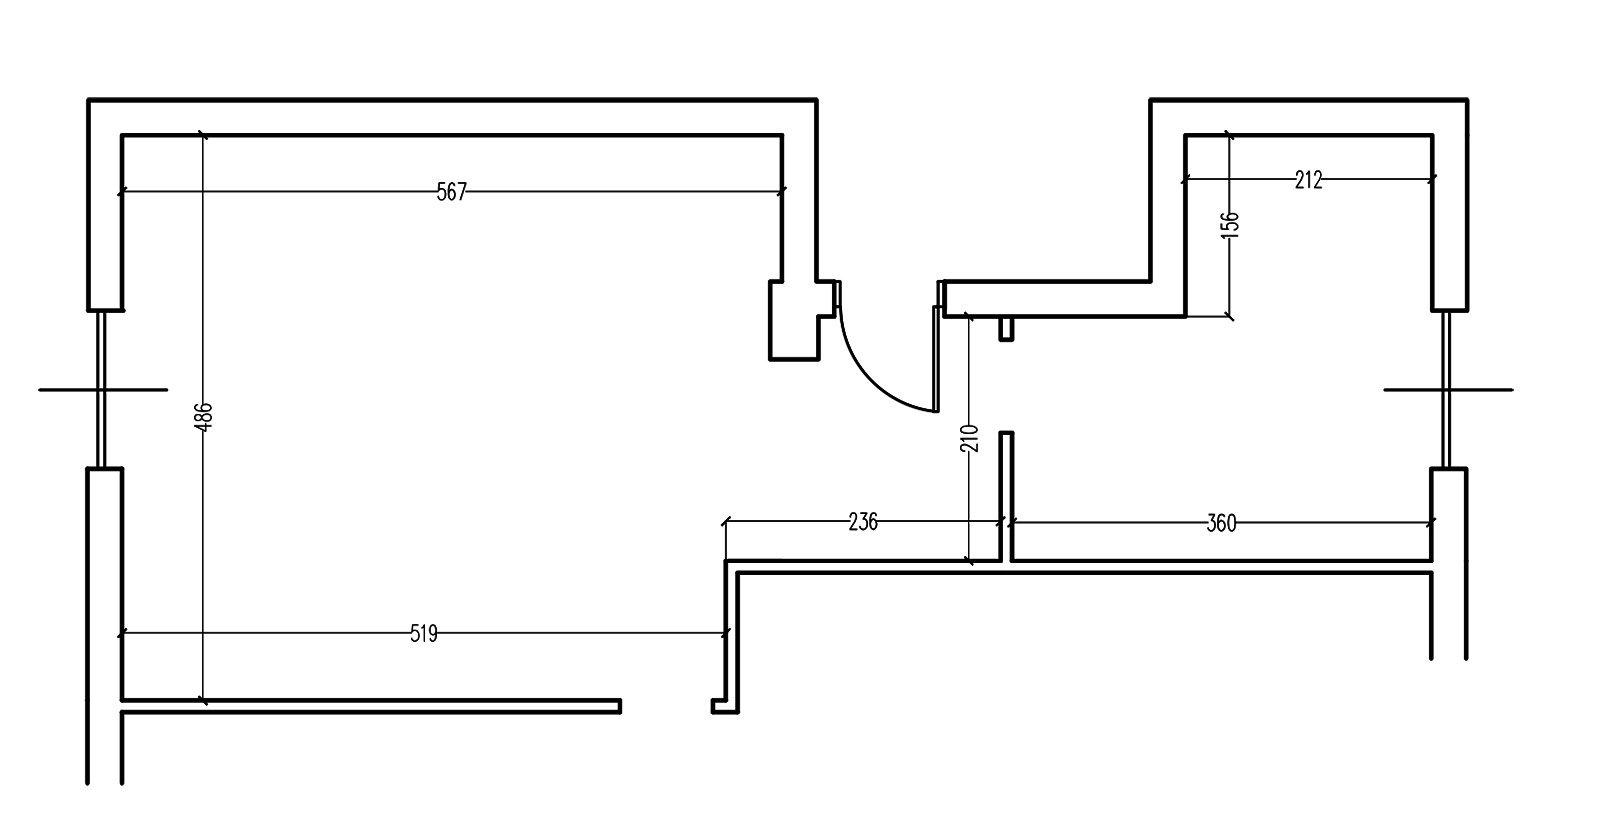 Planimetrie cose di casa for Planimetrie di case personalizzate